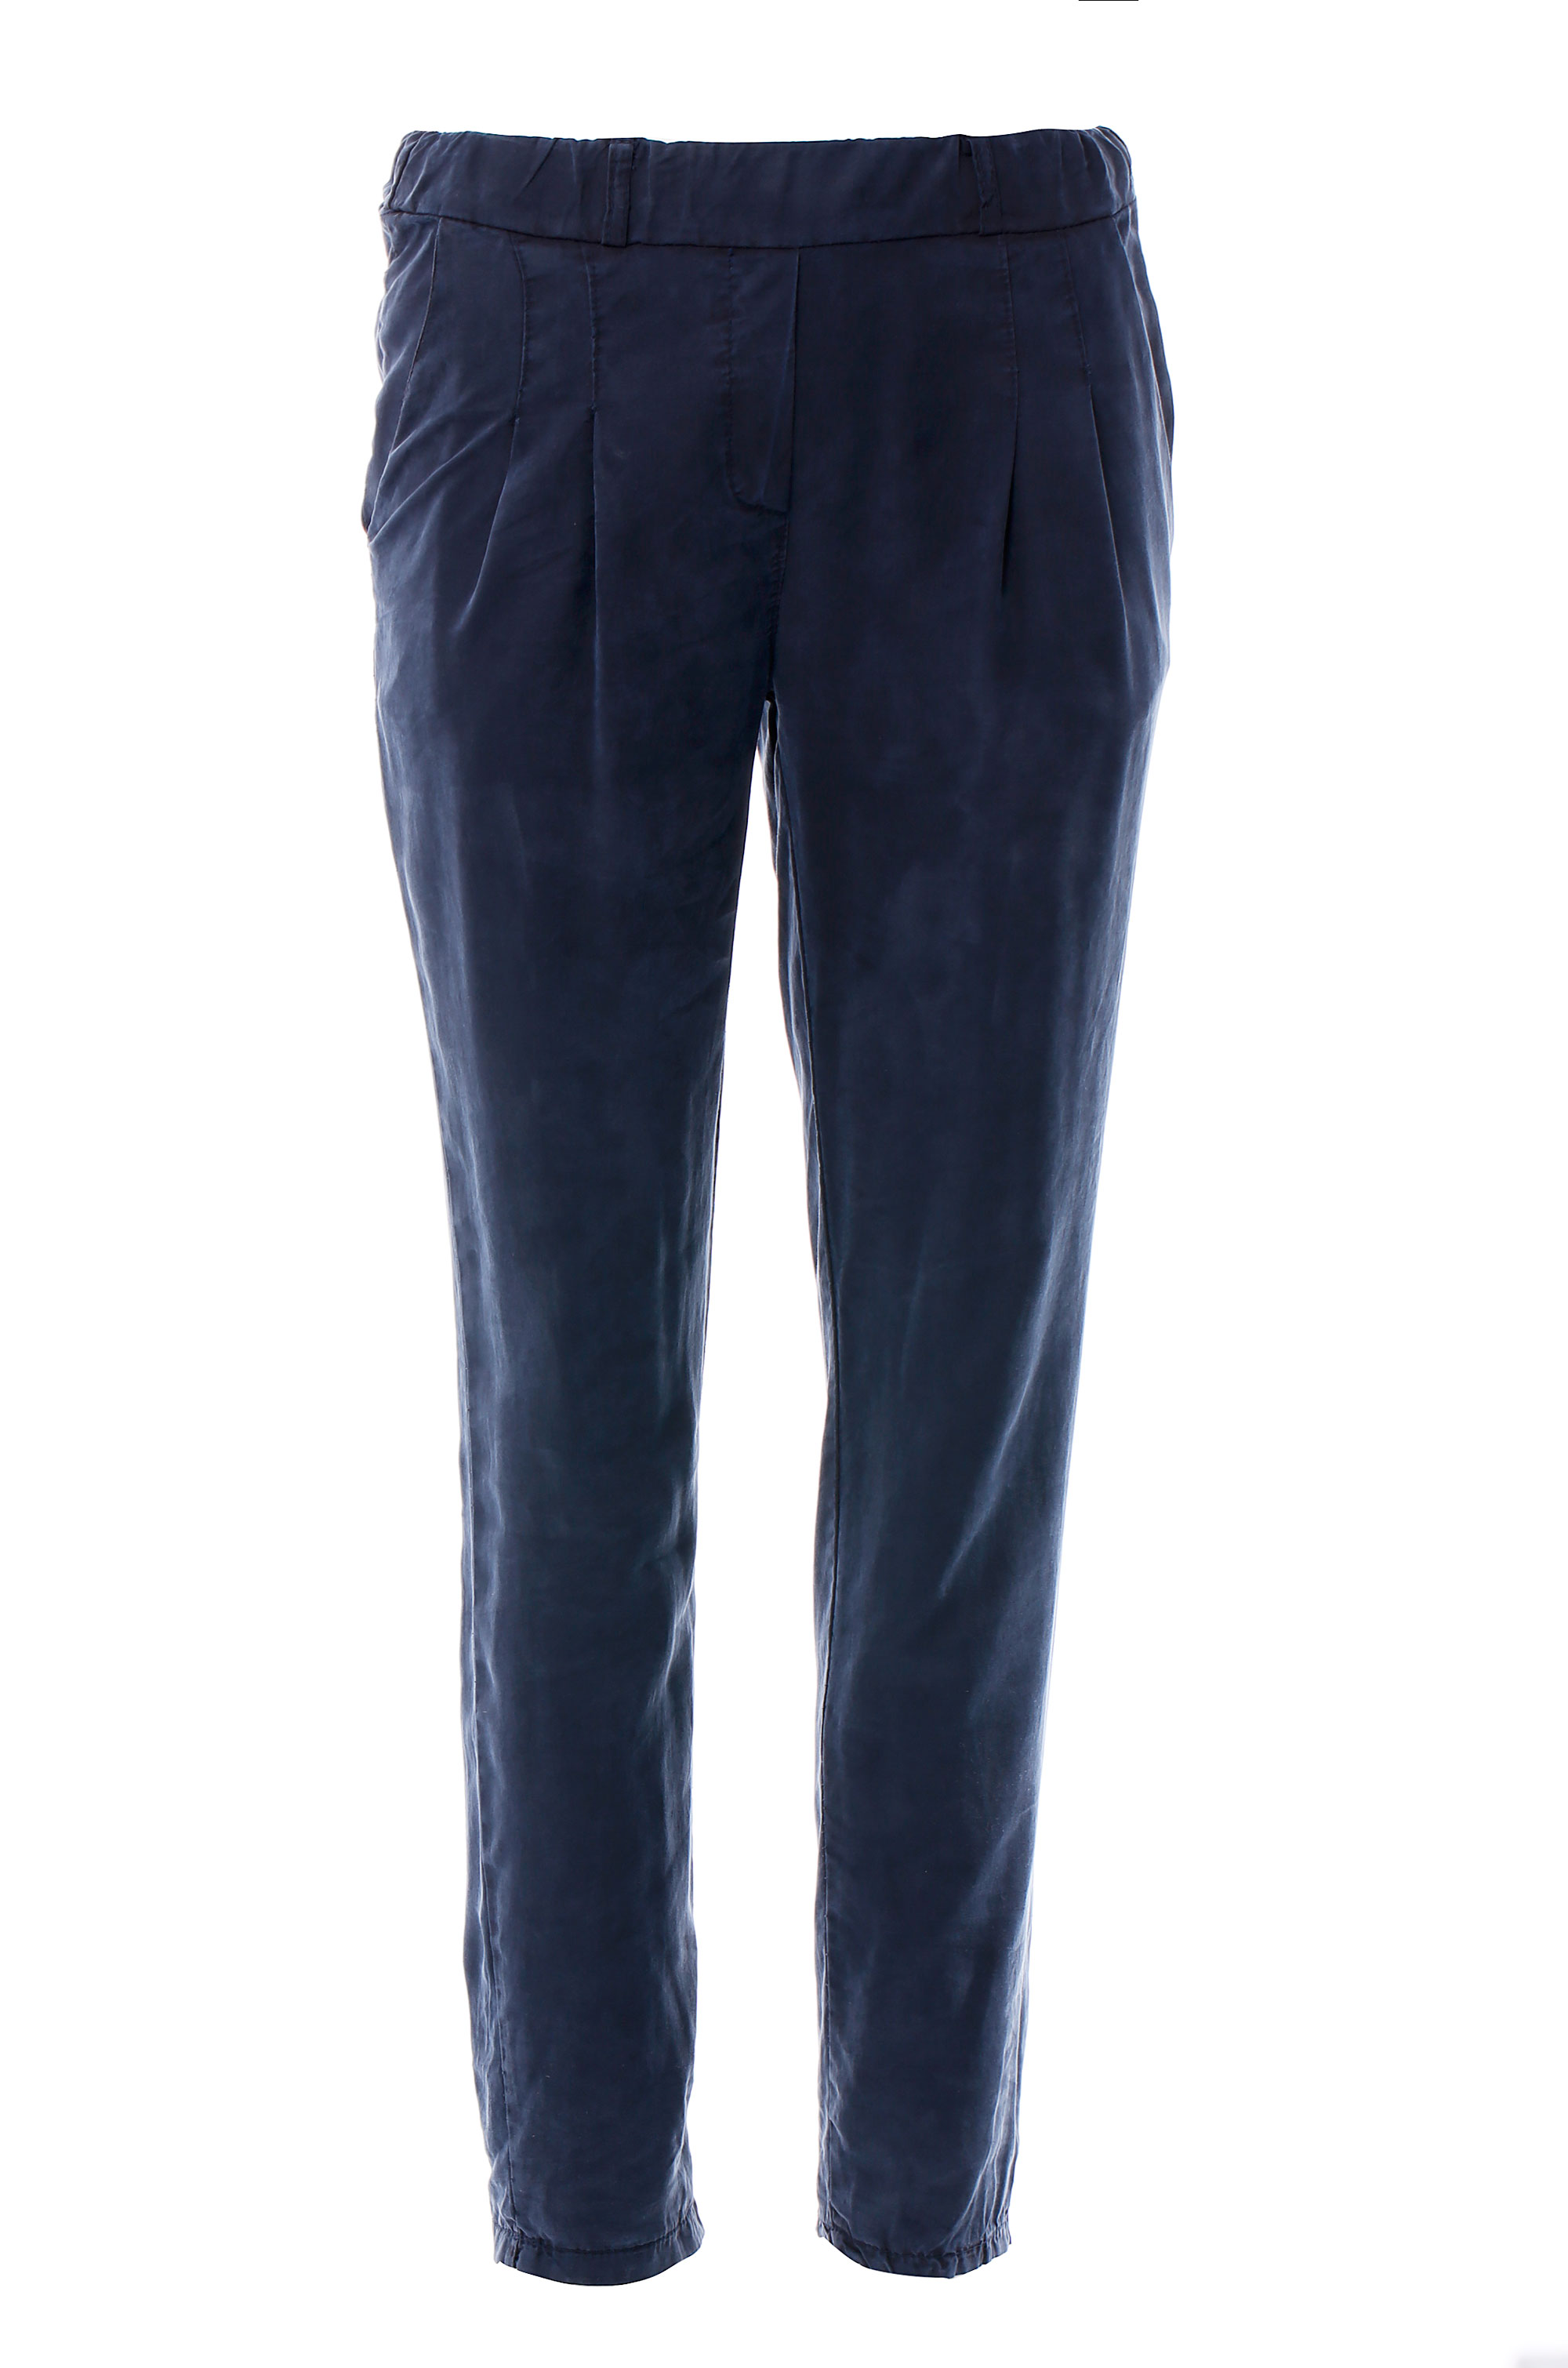 Spodnie - 24-6126 BLU - Unisono